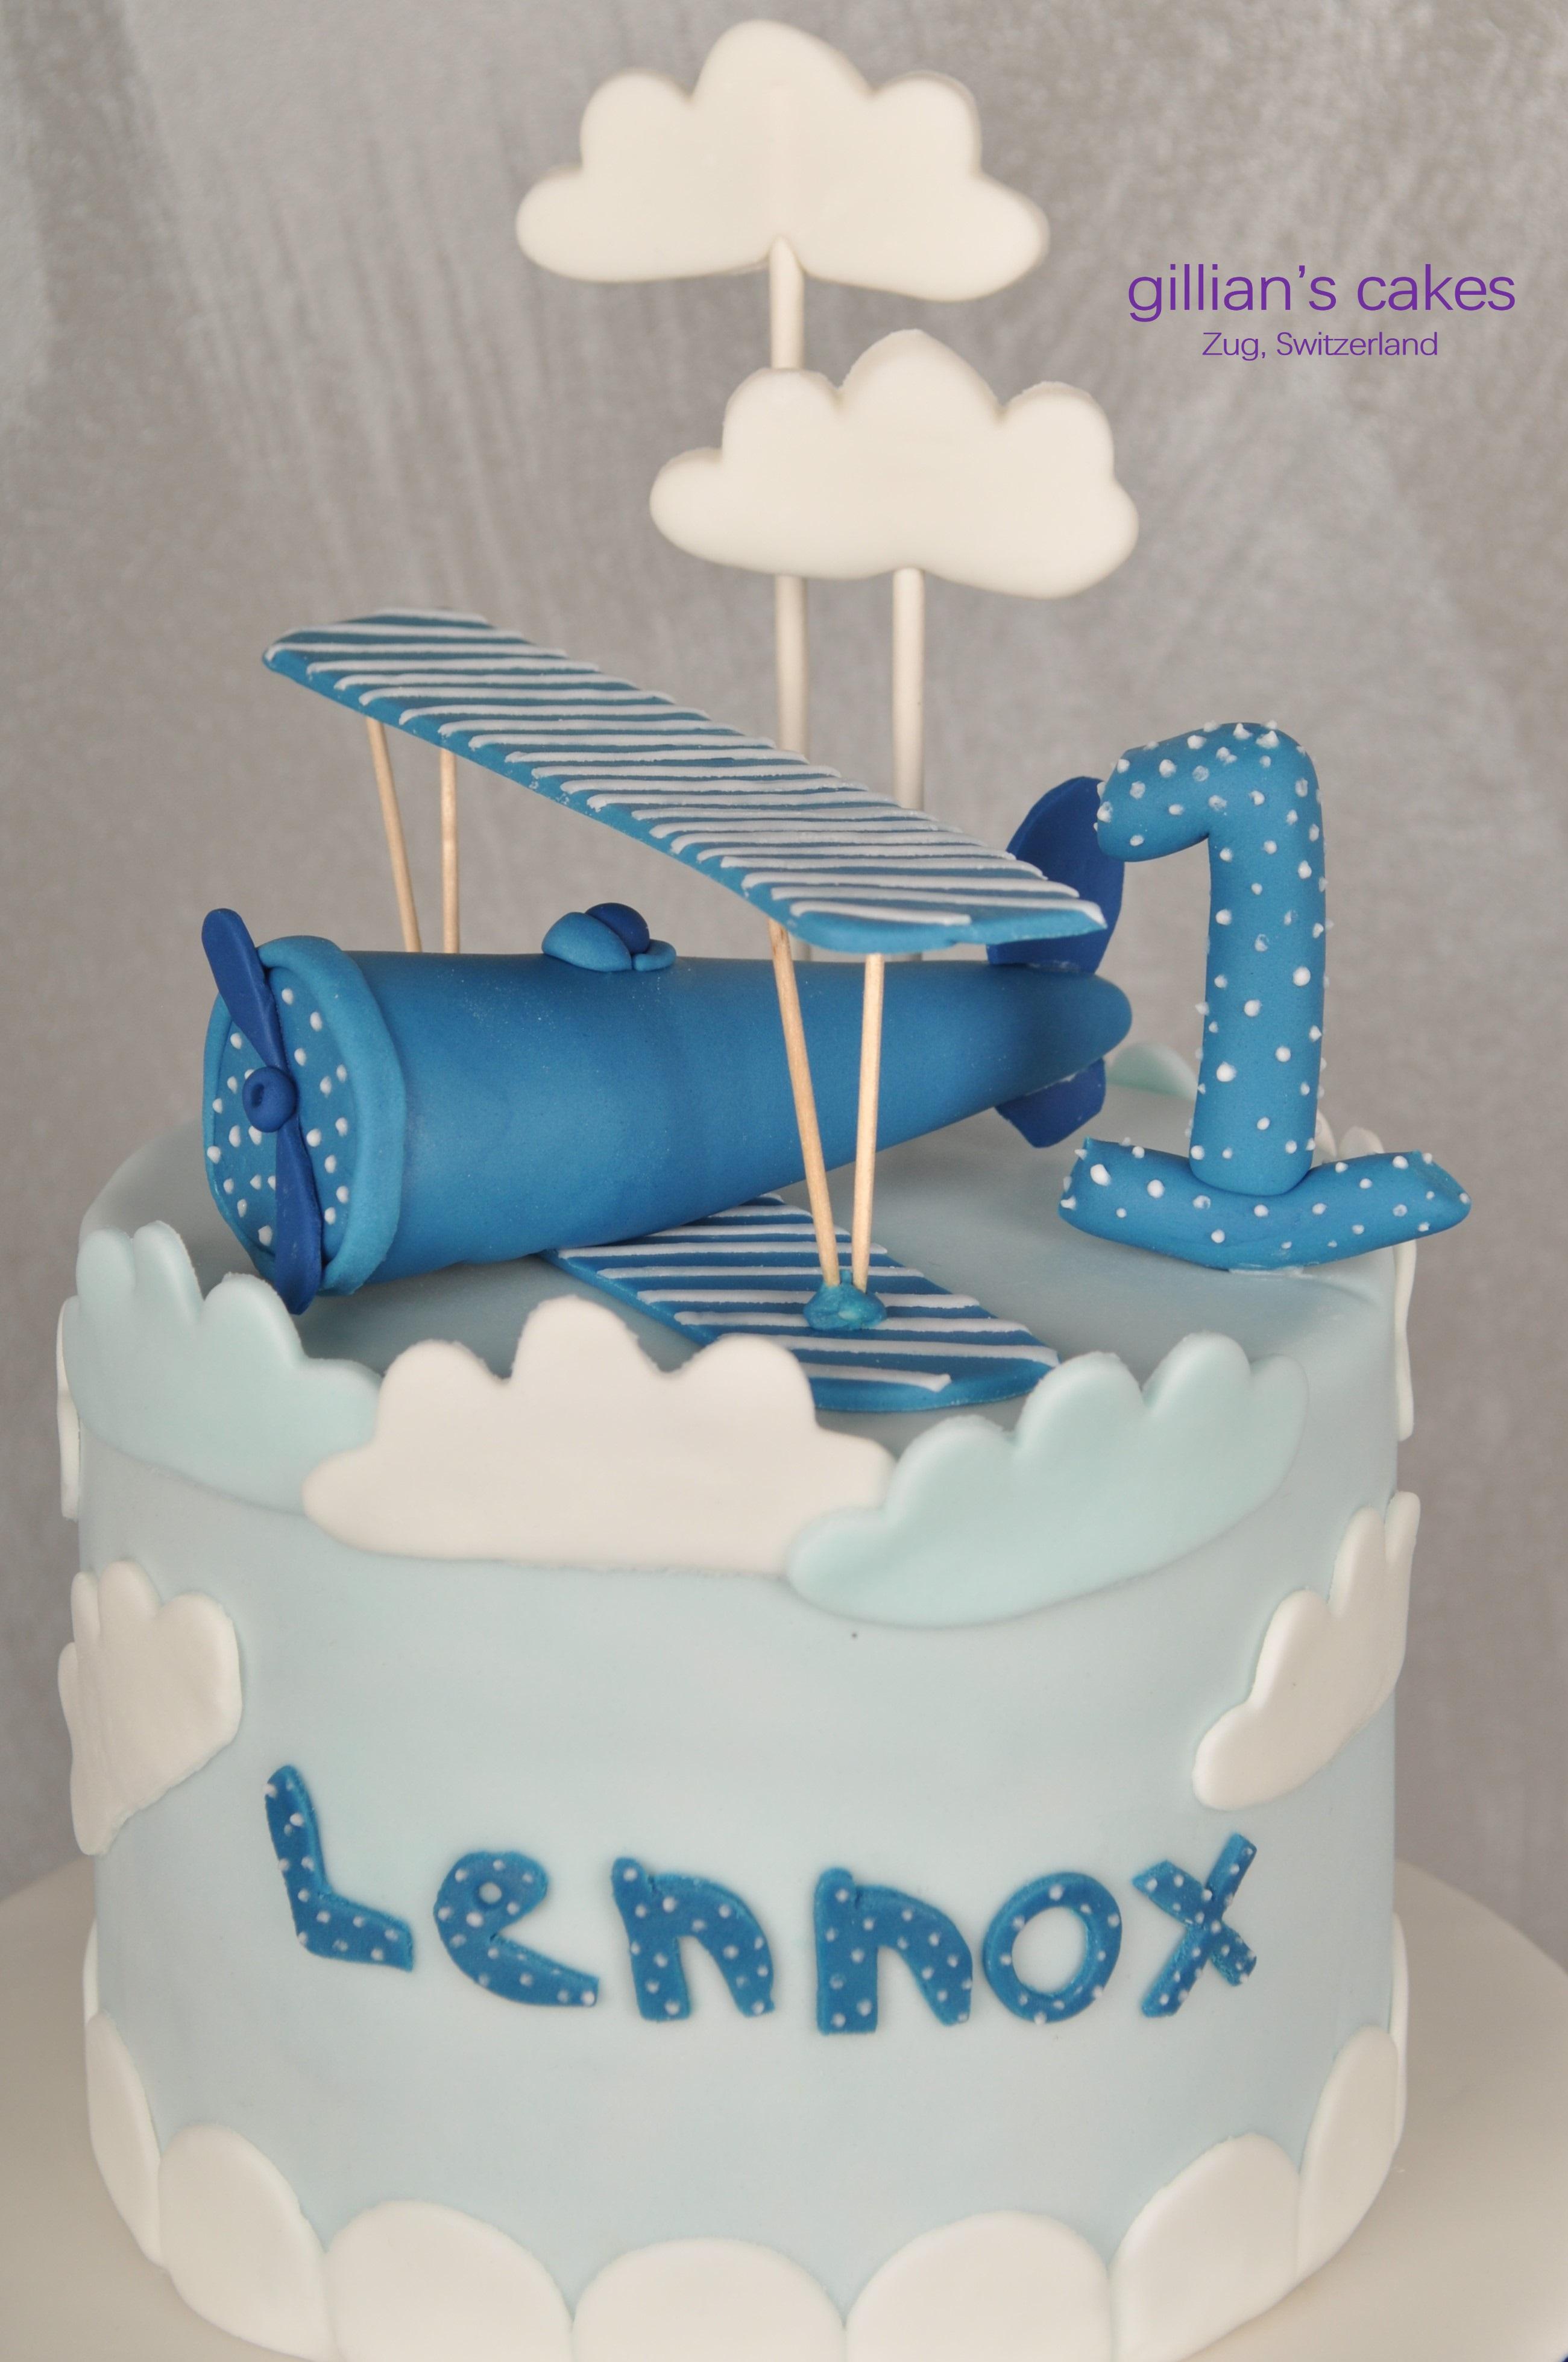 Birthday Cakes Zug Zurich Luzern Gillian S Cakes